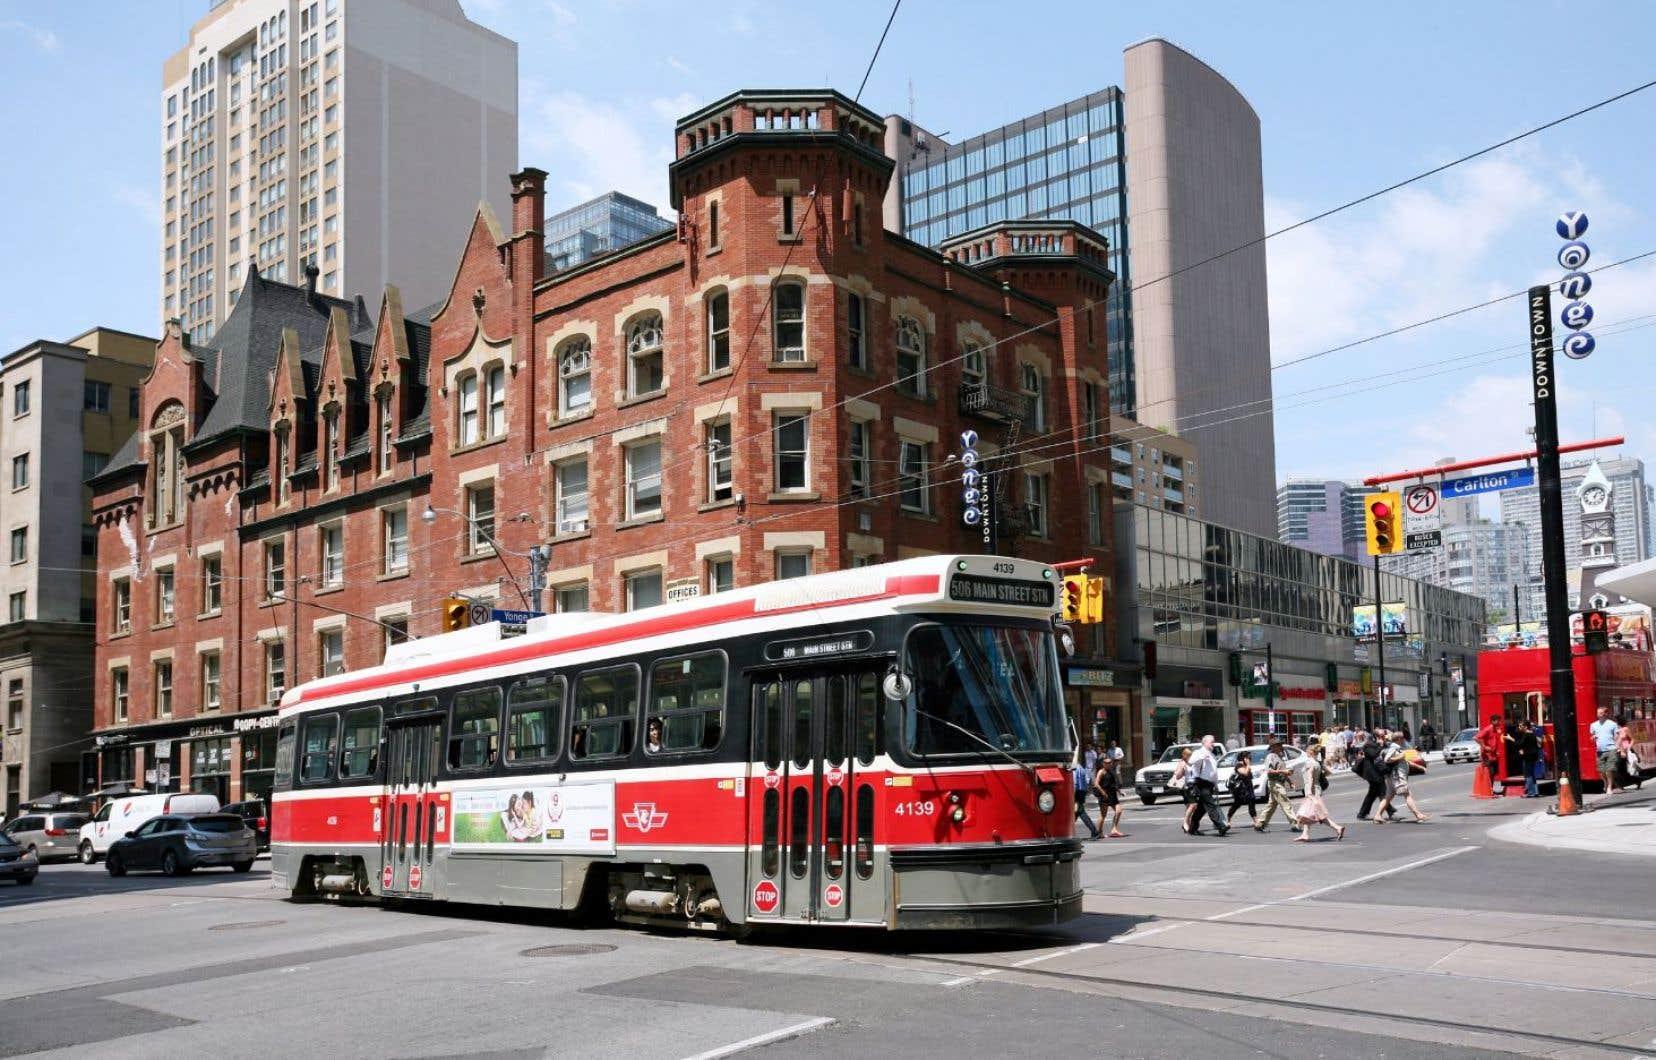 Malgré un réseau de transport en commun bien établi, la ville connaît de graves problèmes de circulation.